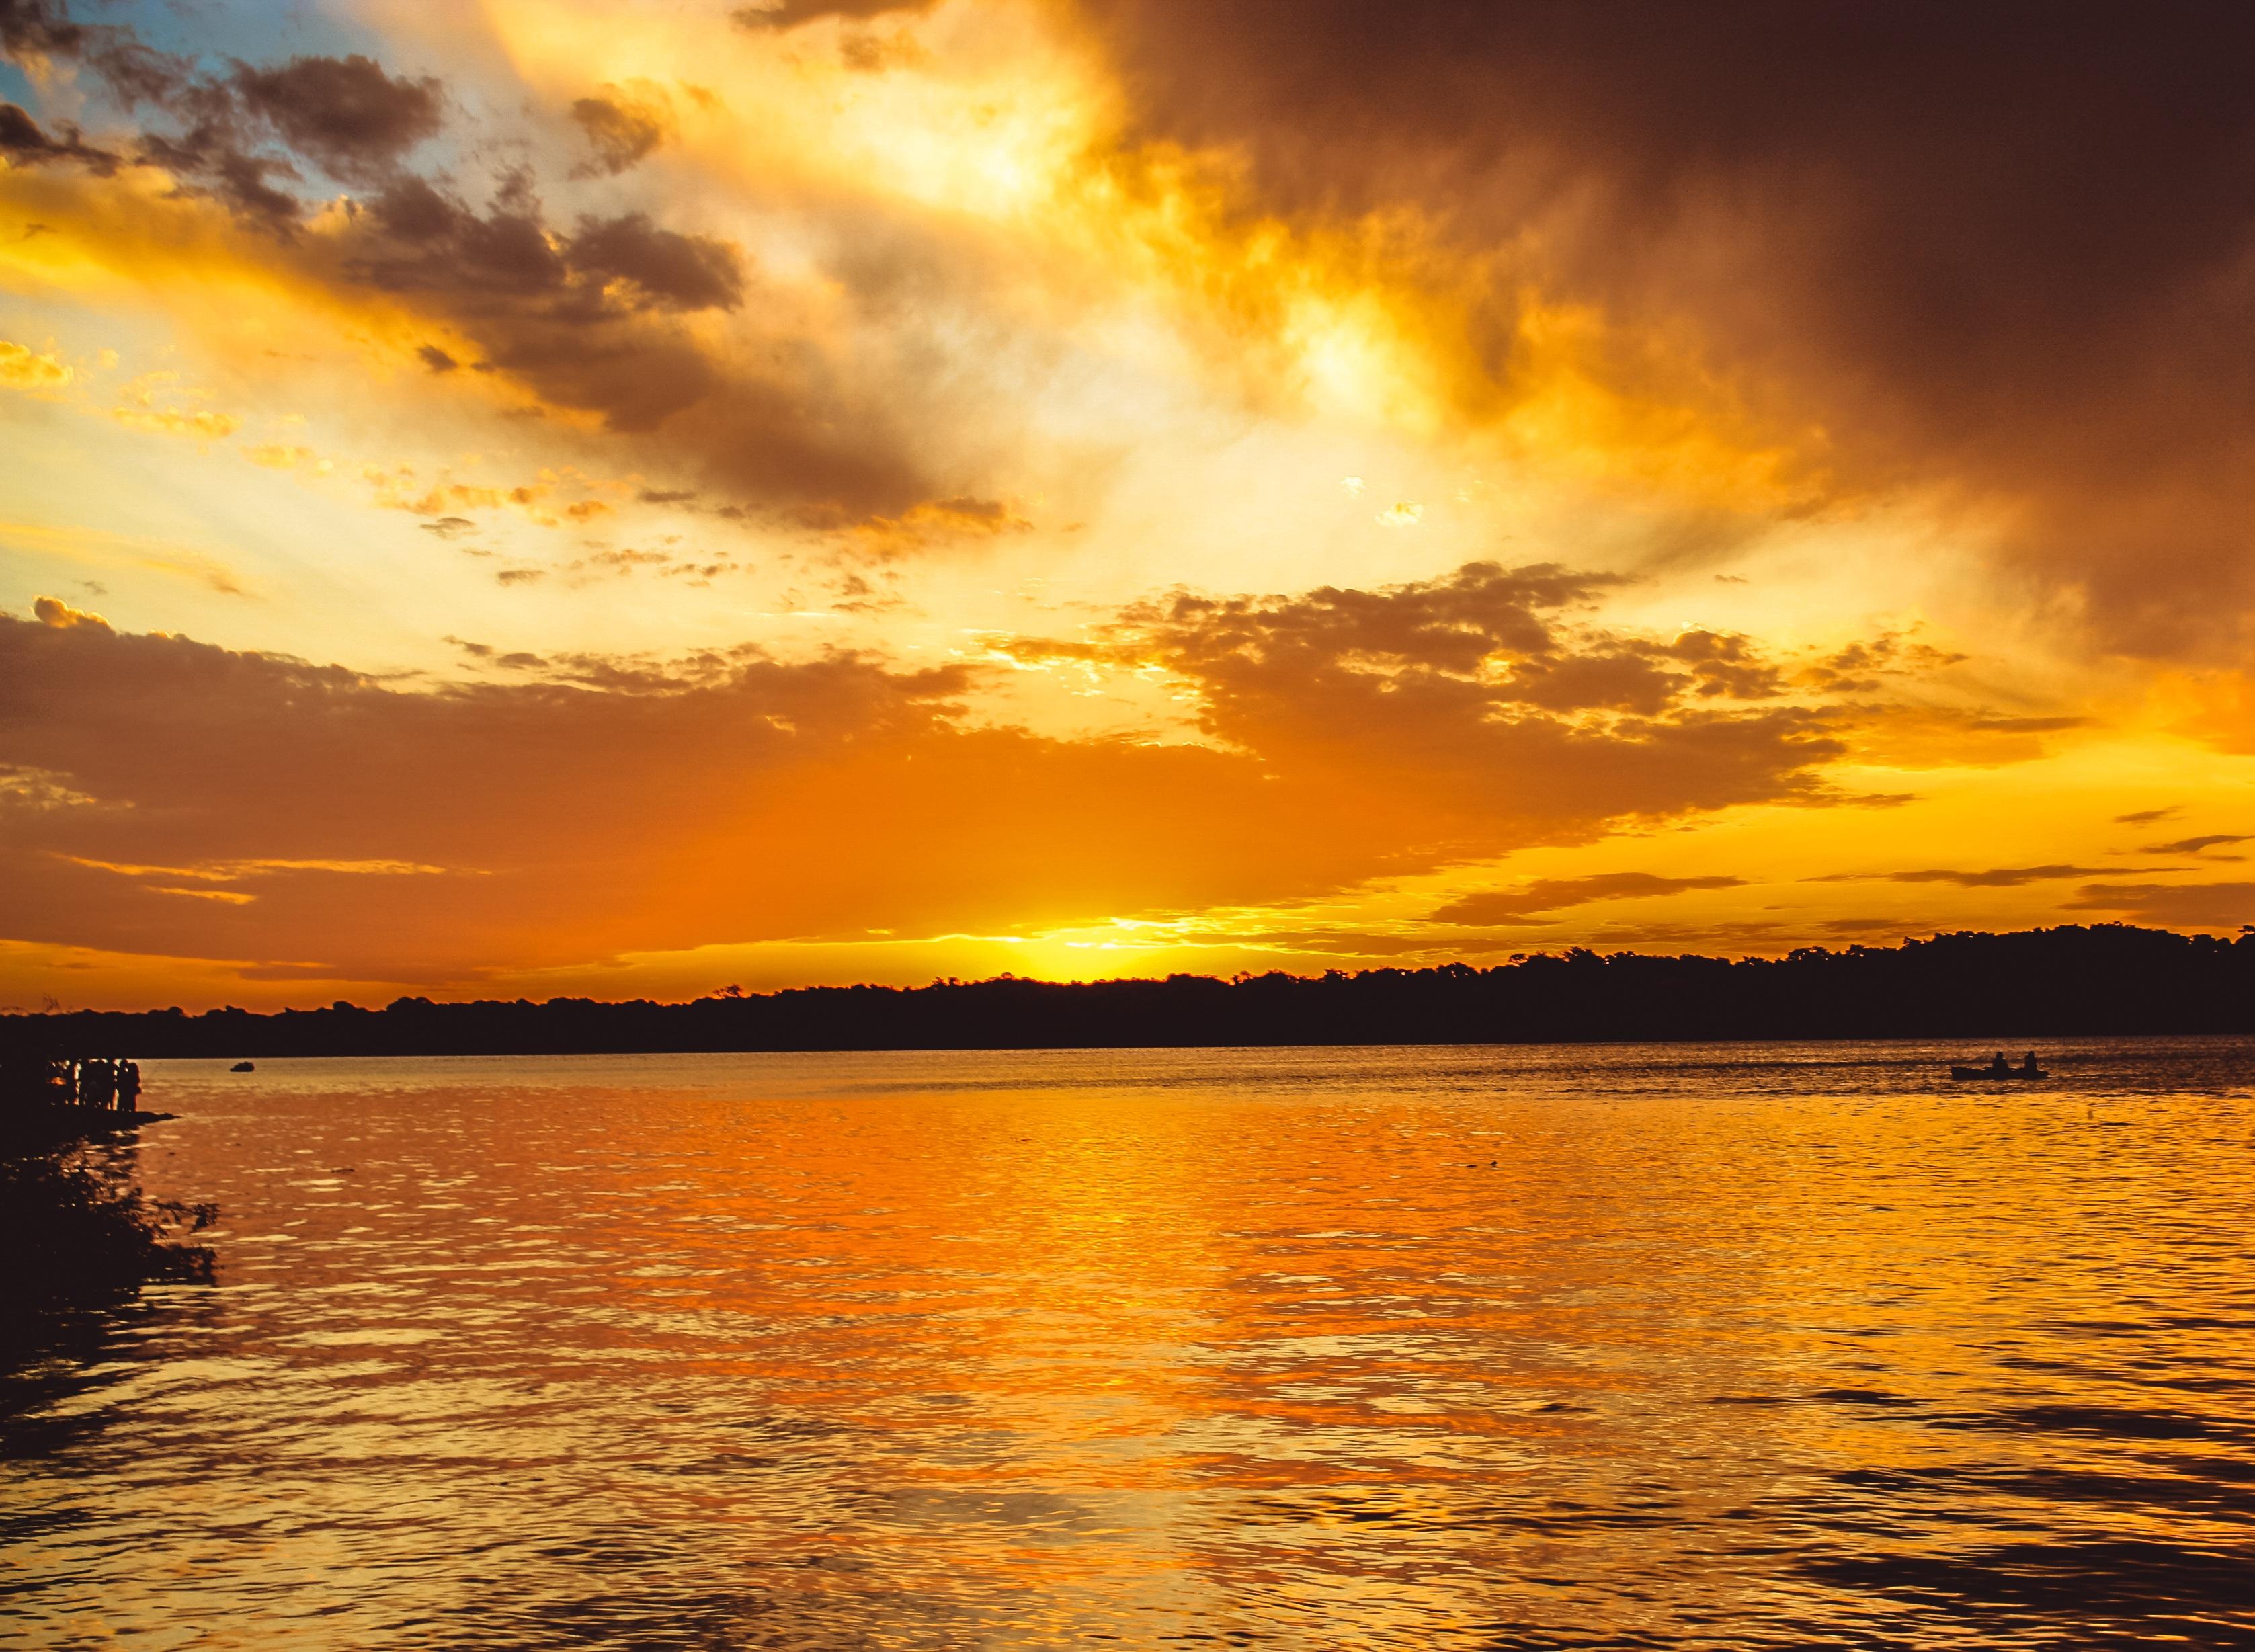 фото закат рассвет вода времена, славились только